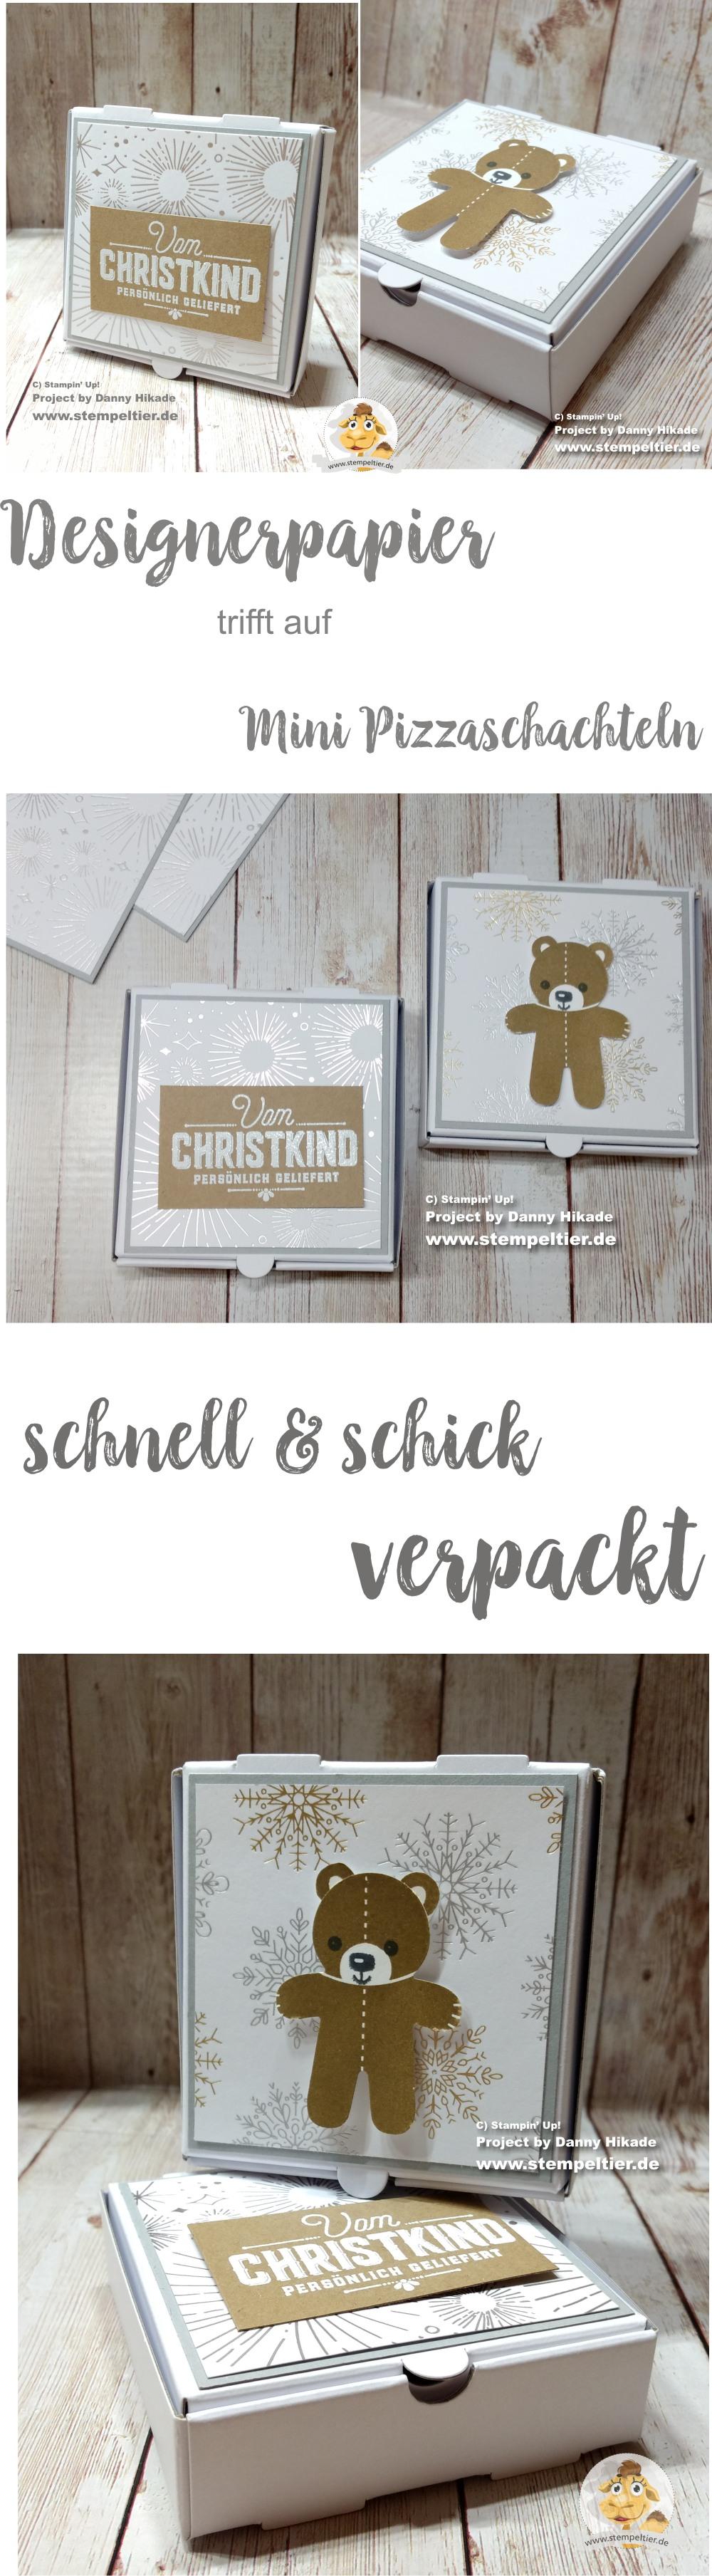 stampin up blog designerpapier weihnachten verpackung pizzaschachtel box winterfreuden DIY stempeltier